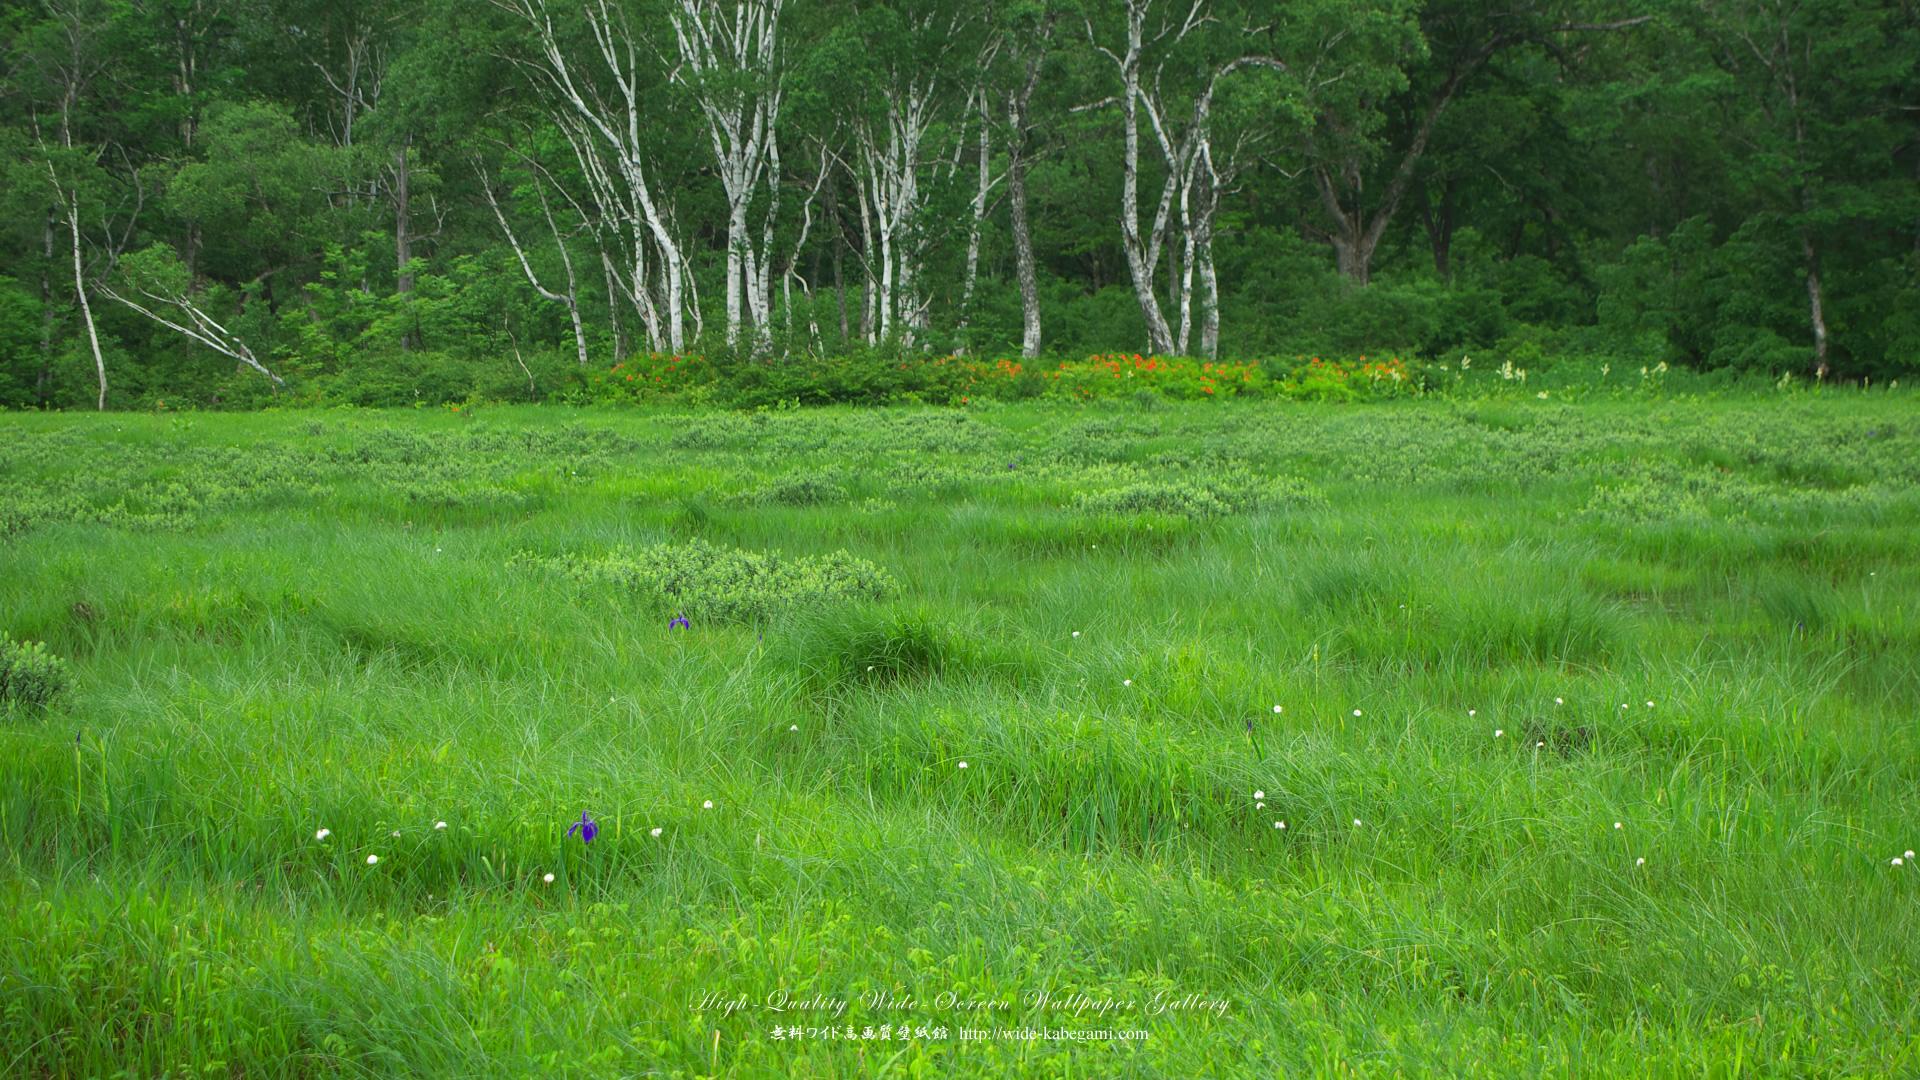 自然風景のワイド壁紙 1920x1080 花咲く湿原 無料ワイド高画質壁紙館